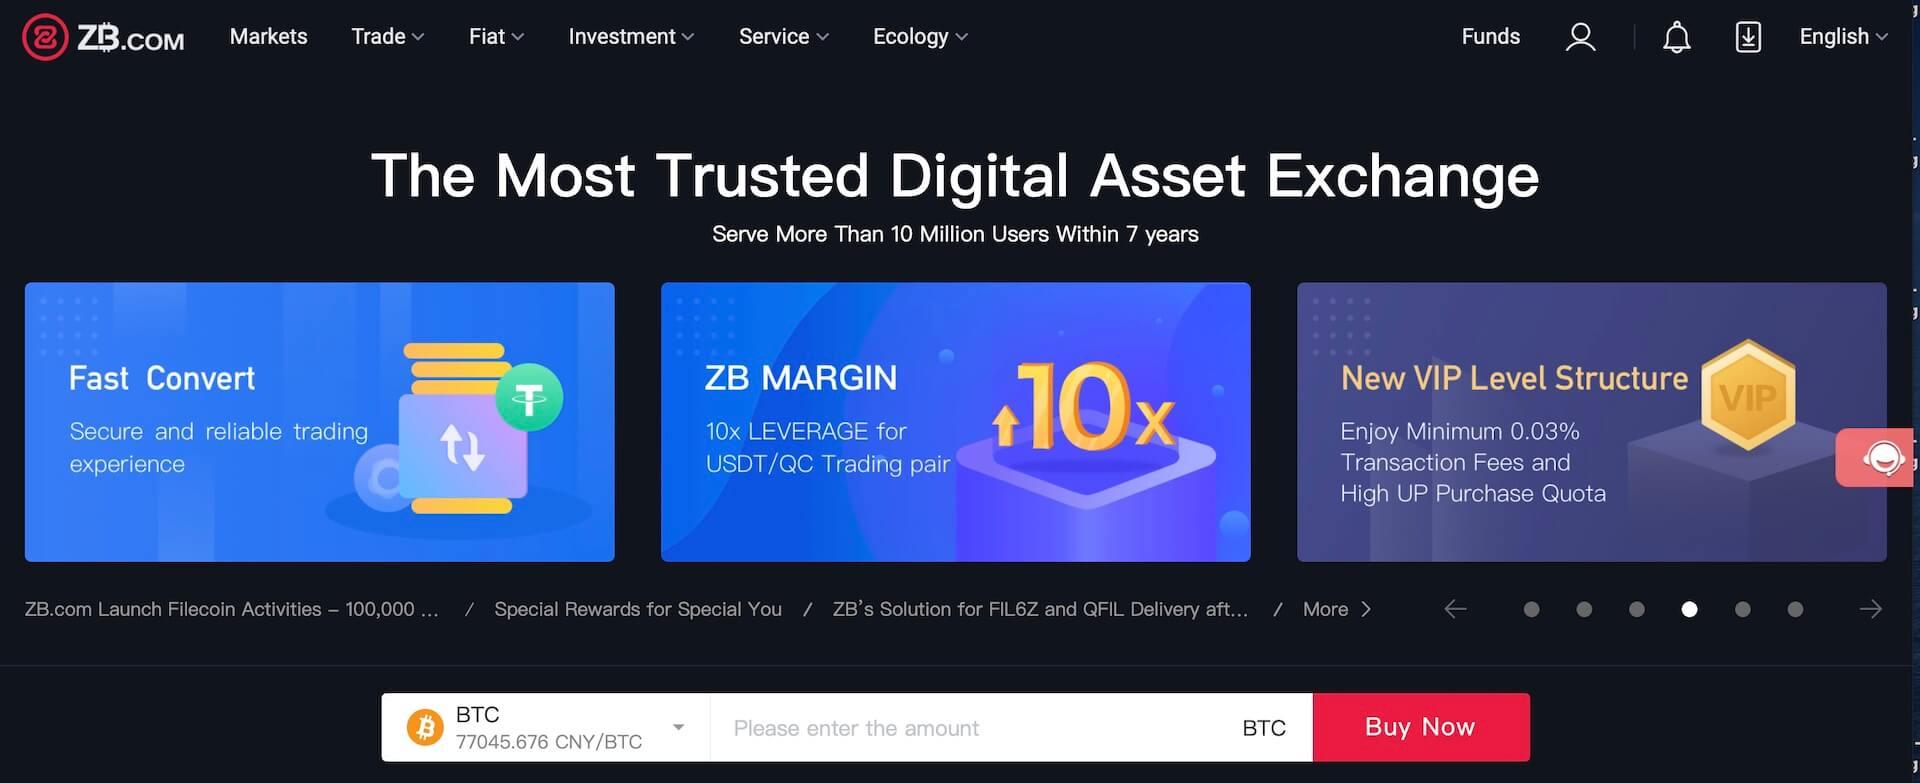 биржа криптовалют ZB